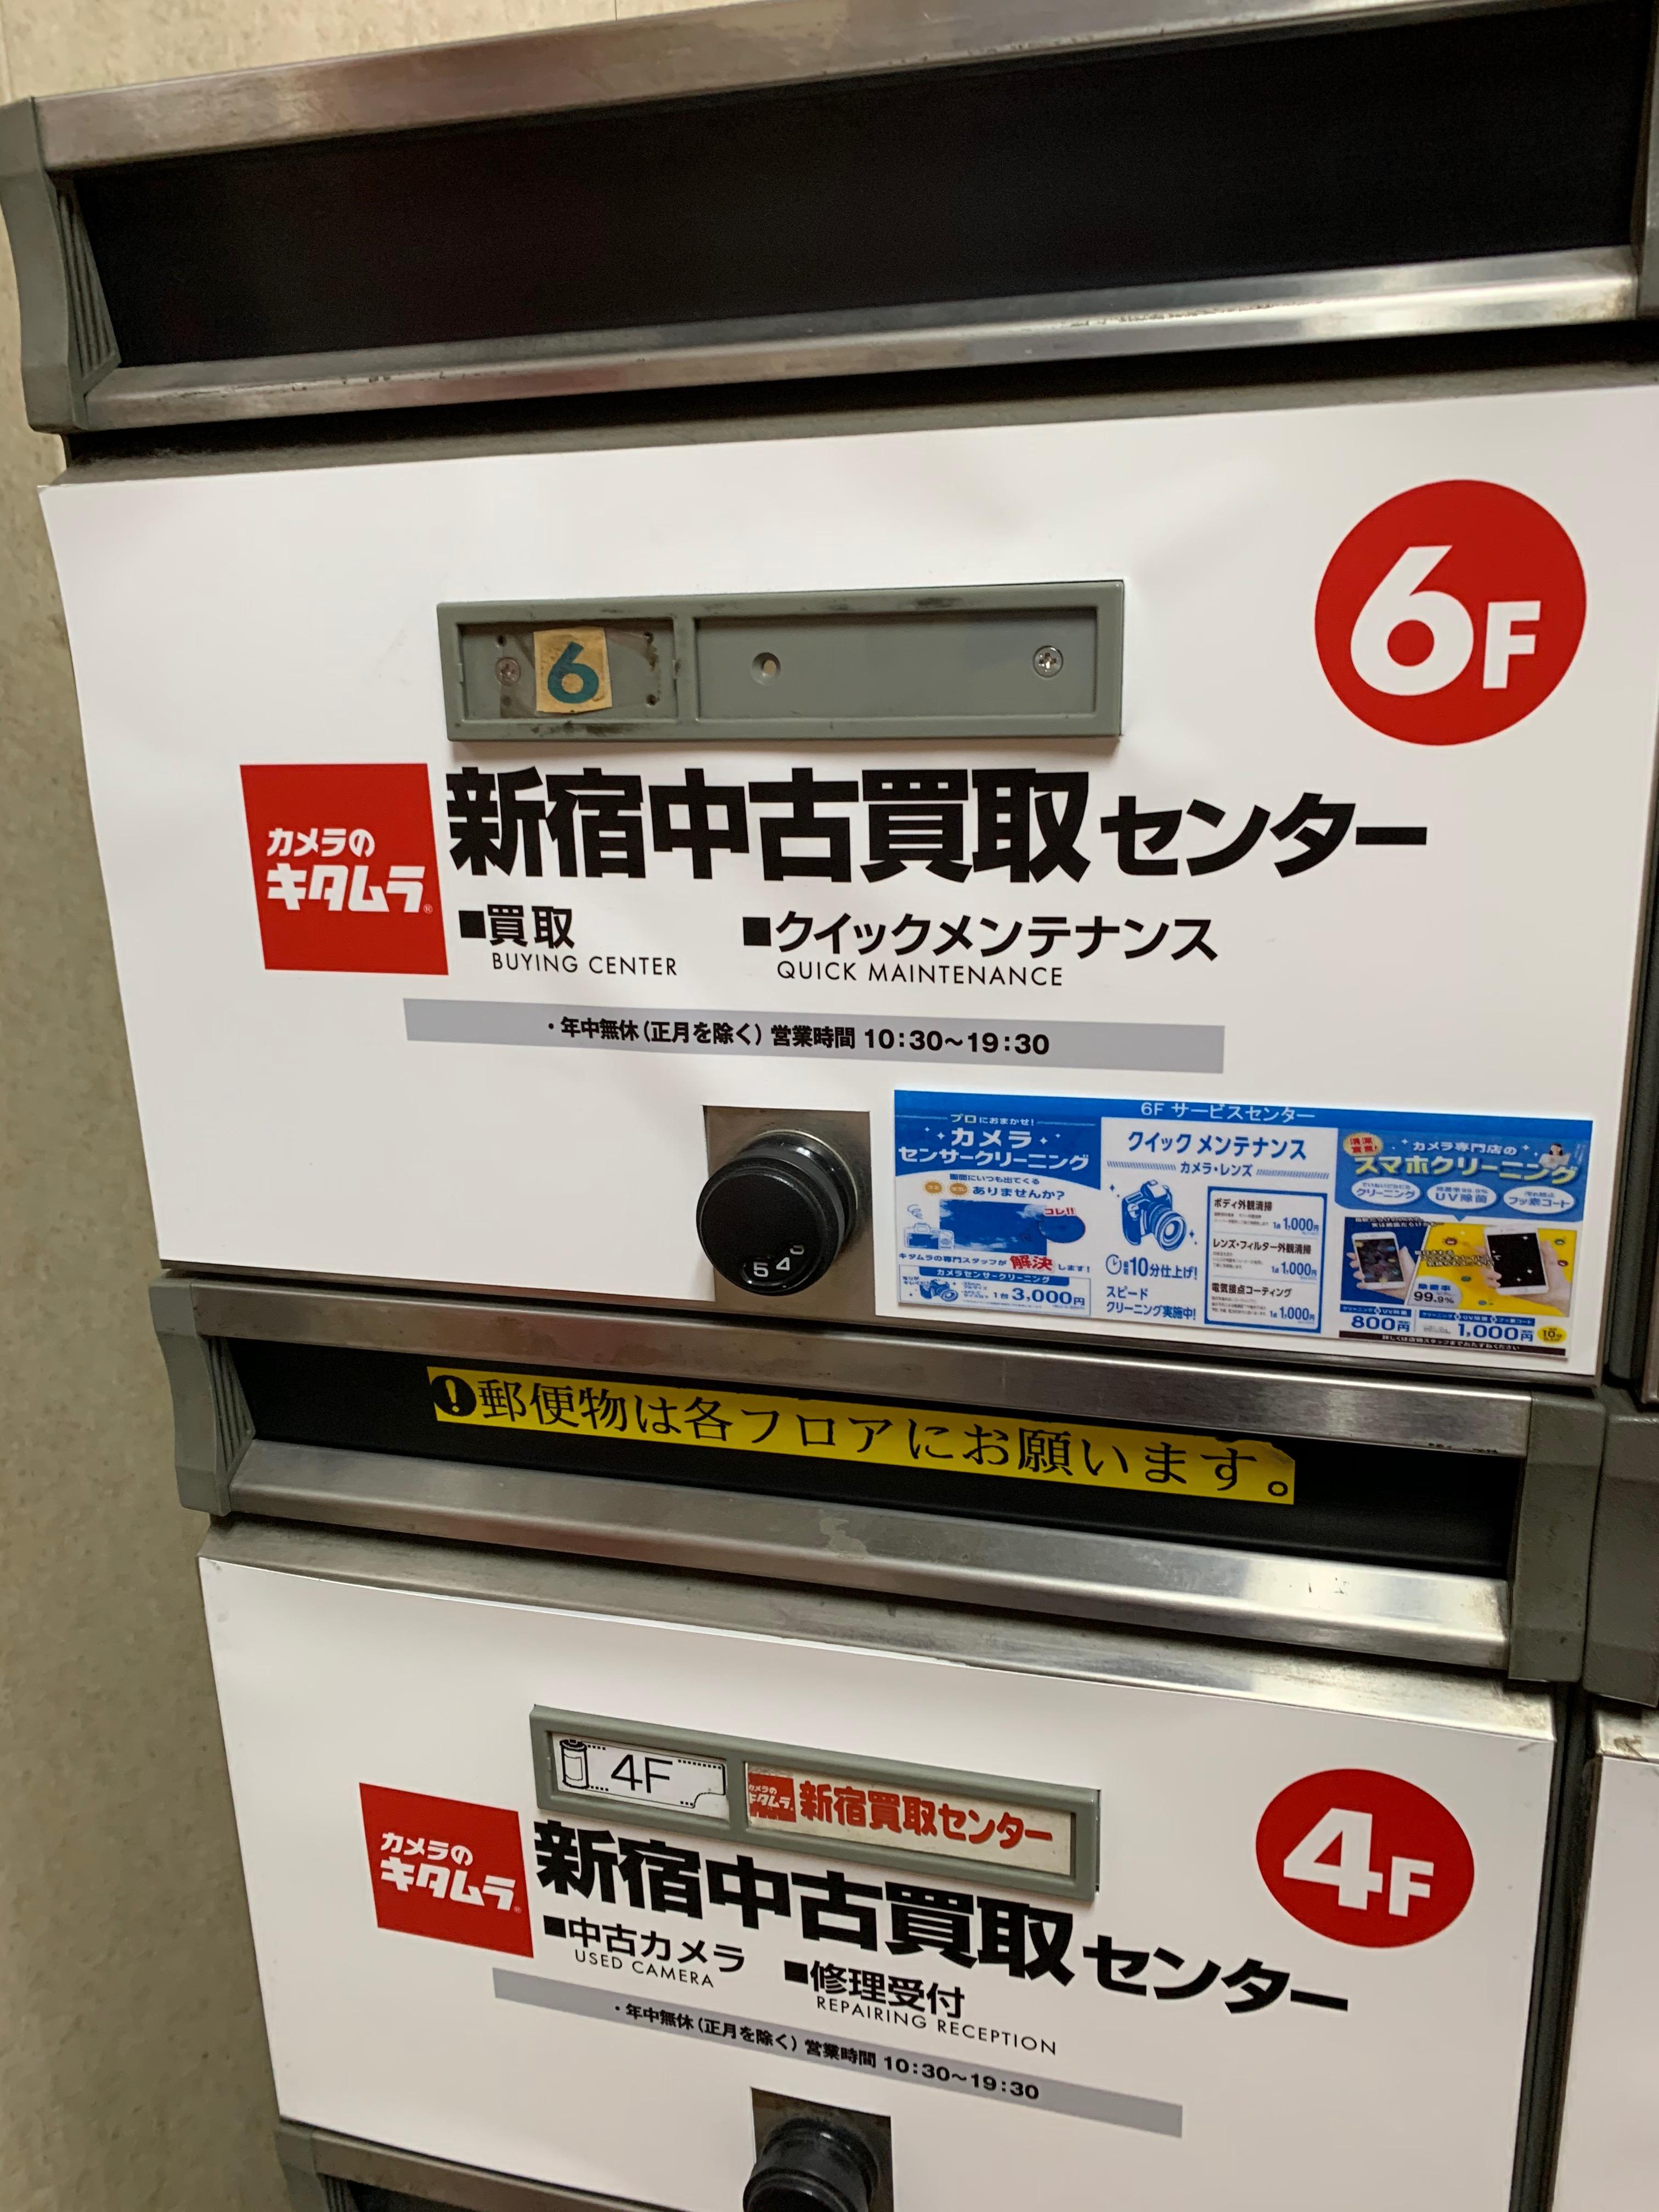 カメラのキタムラ新宿